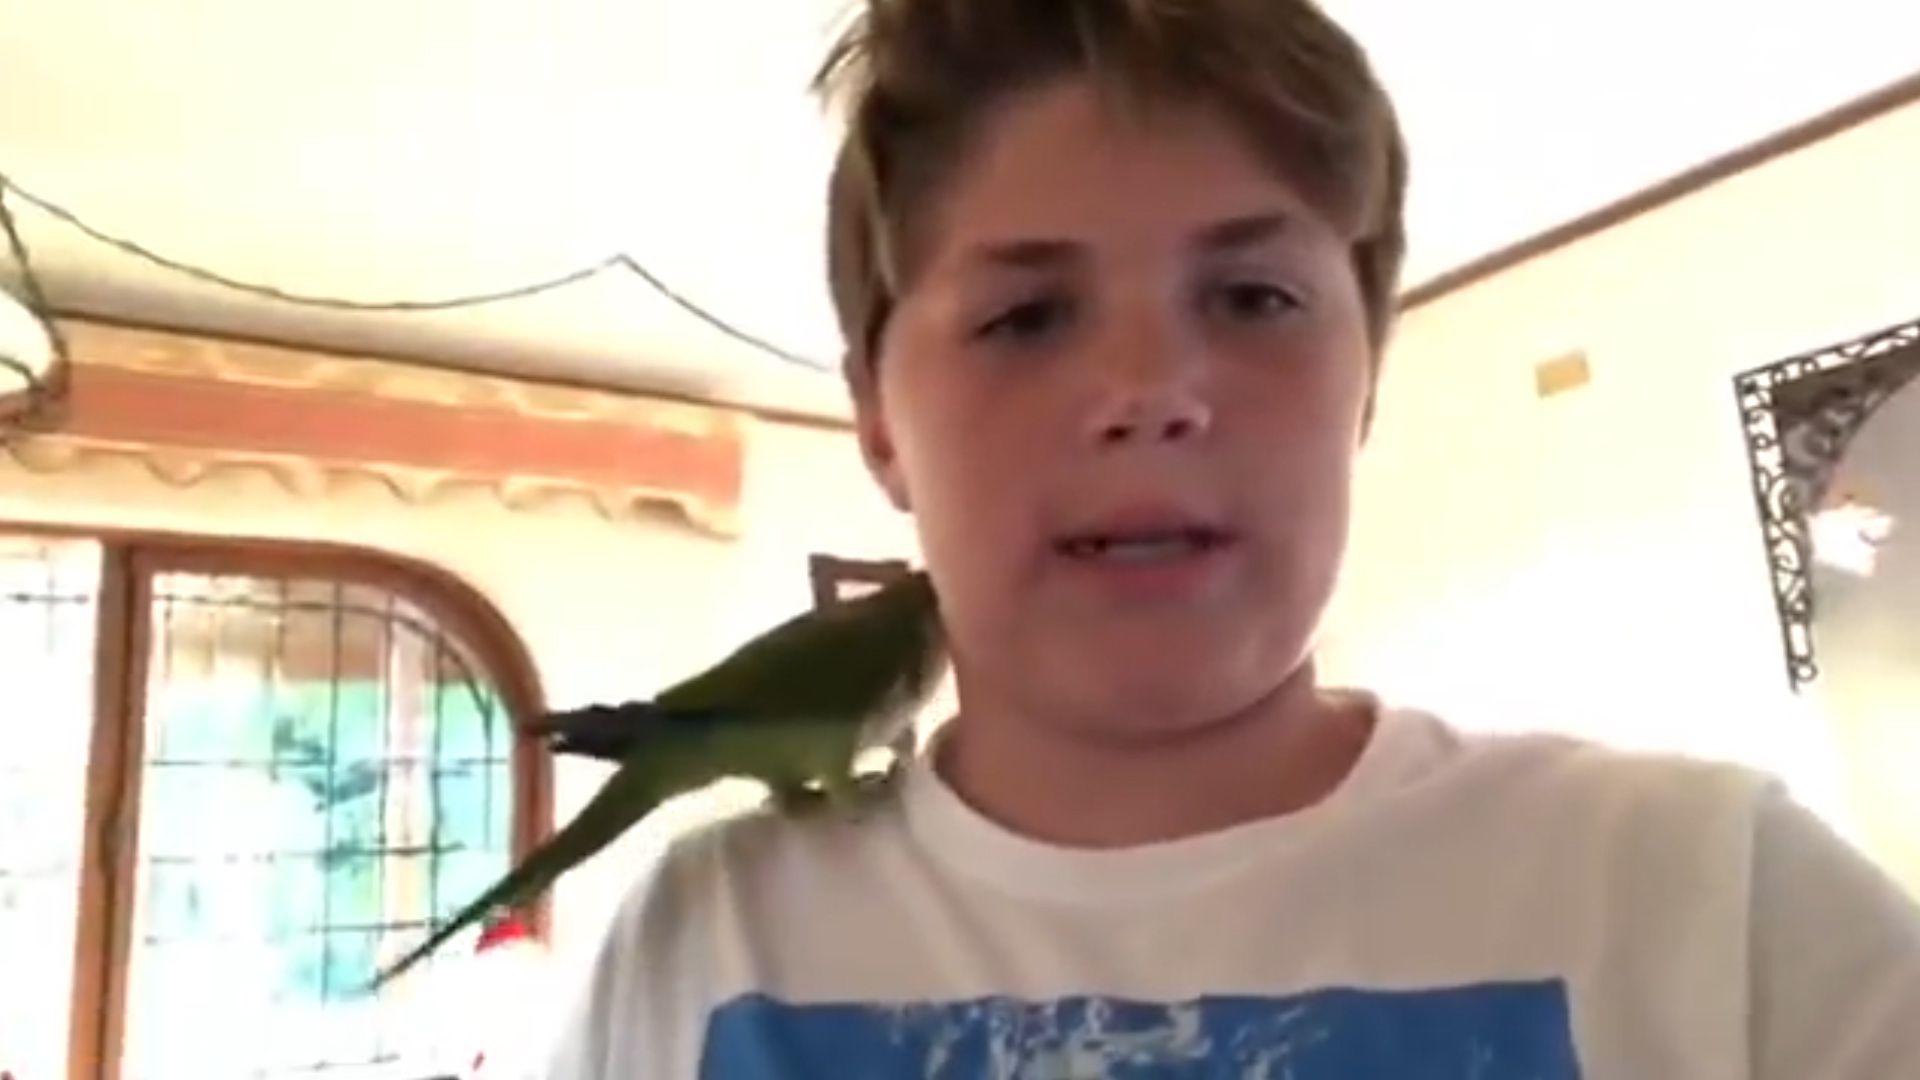 El meme de Chimuelo surgió a partir del video del niño despidiendo a su mascota.